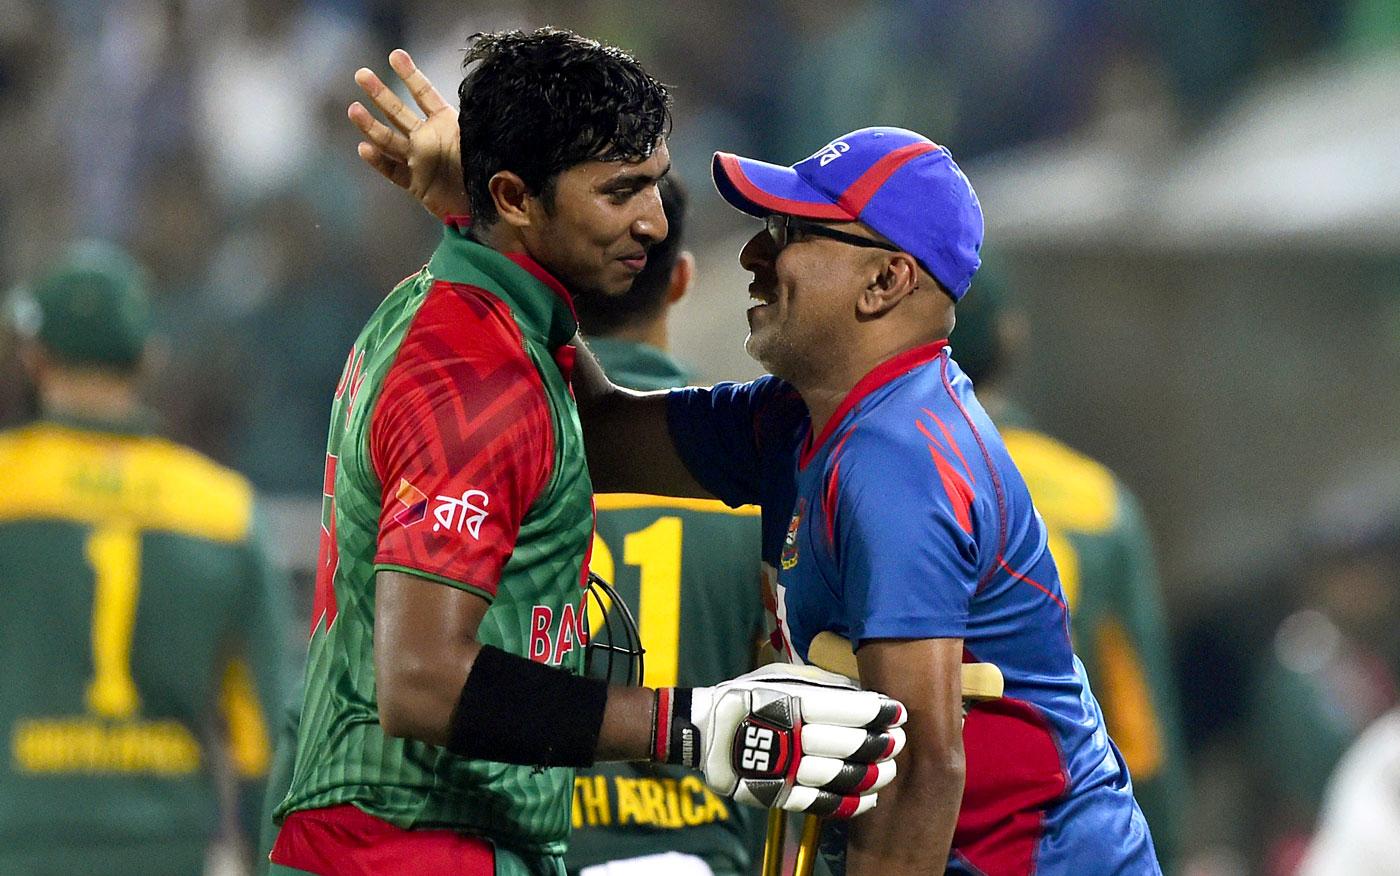 Probable Bangladesh XI for 100th Test